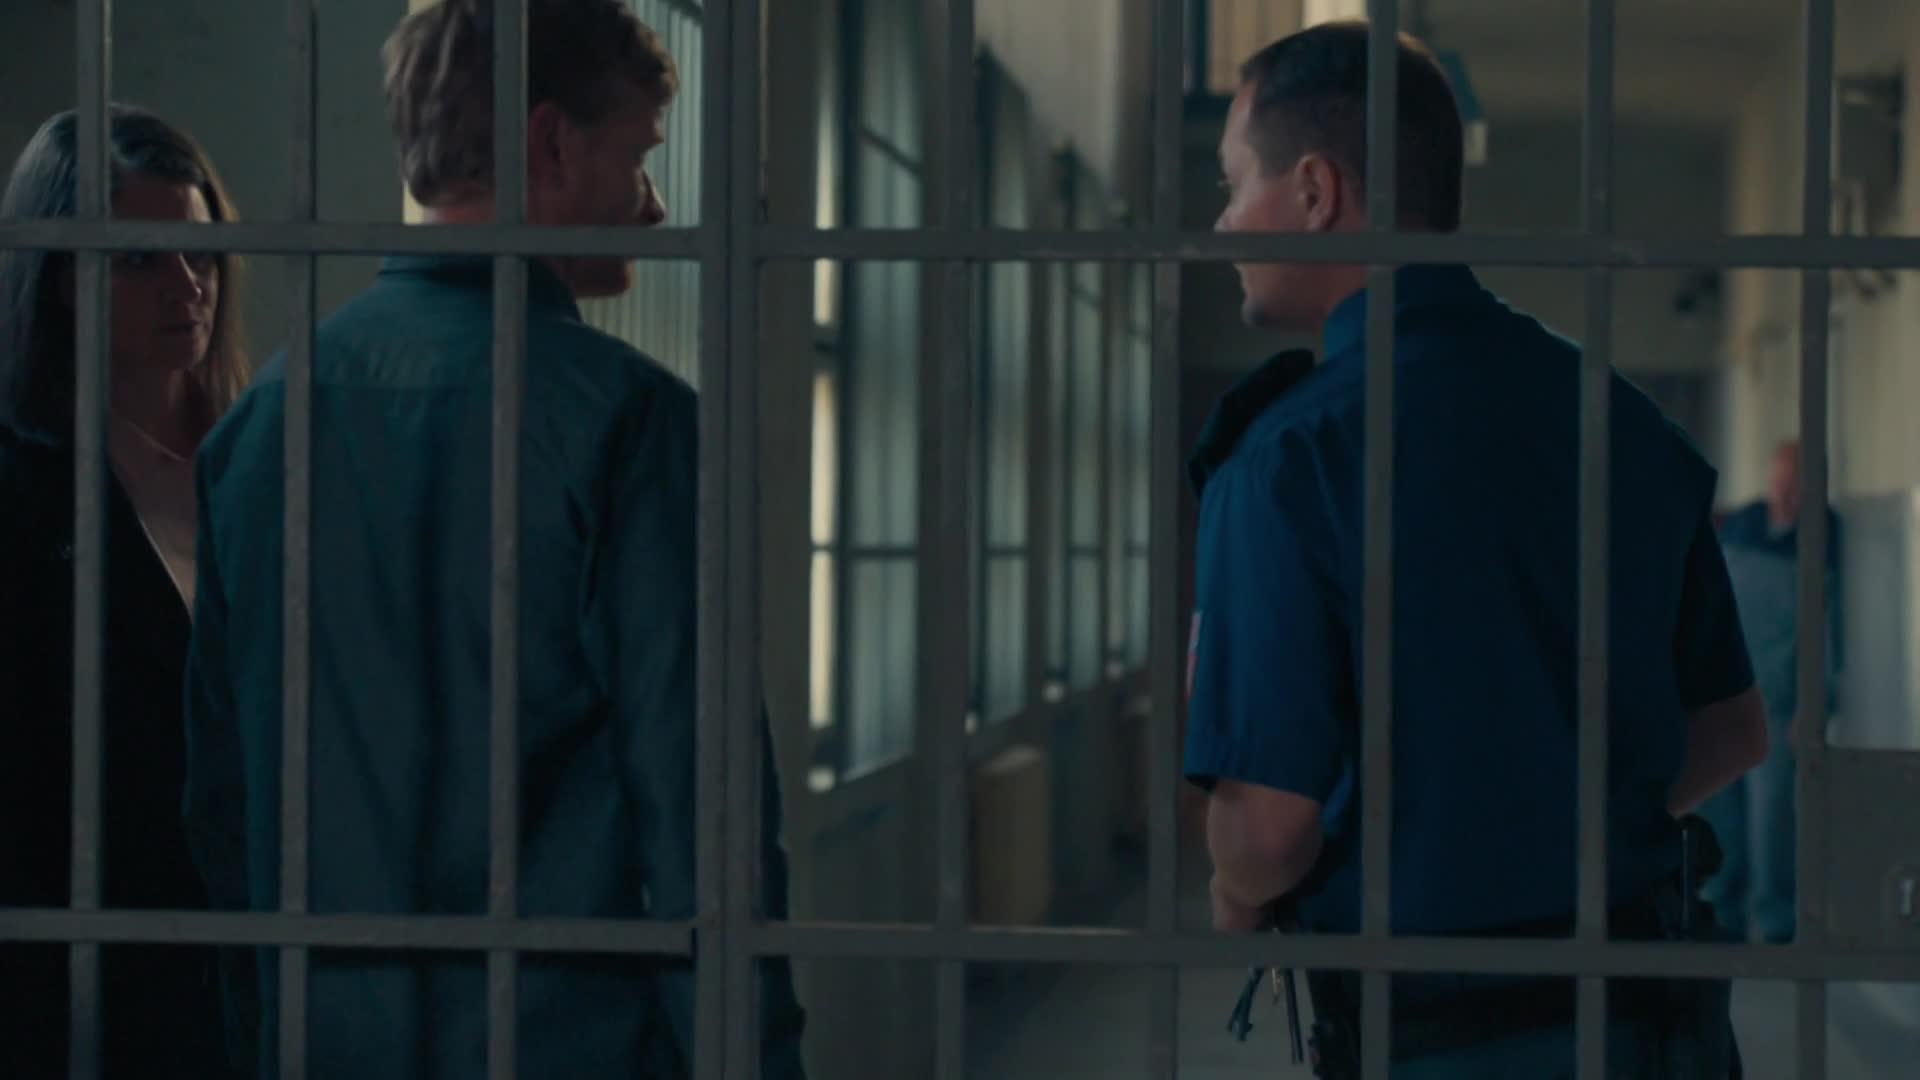 Horor ve vězení: Lenka s Prokopem budou řešit šokující zločin za mřížemi